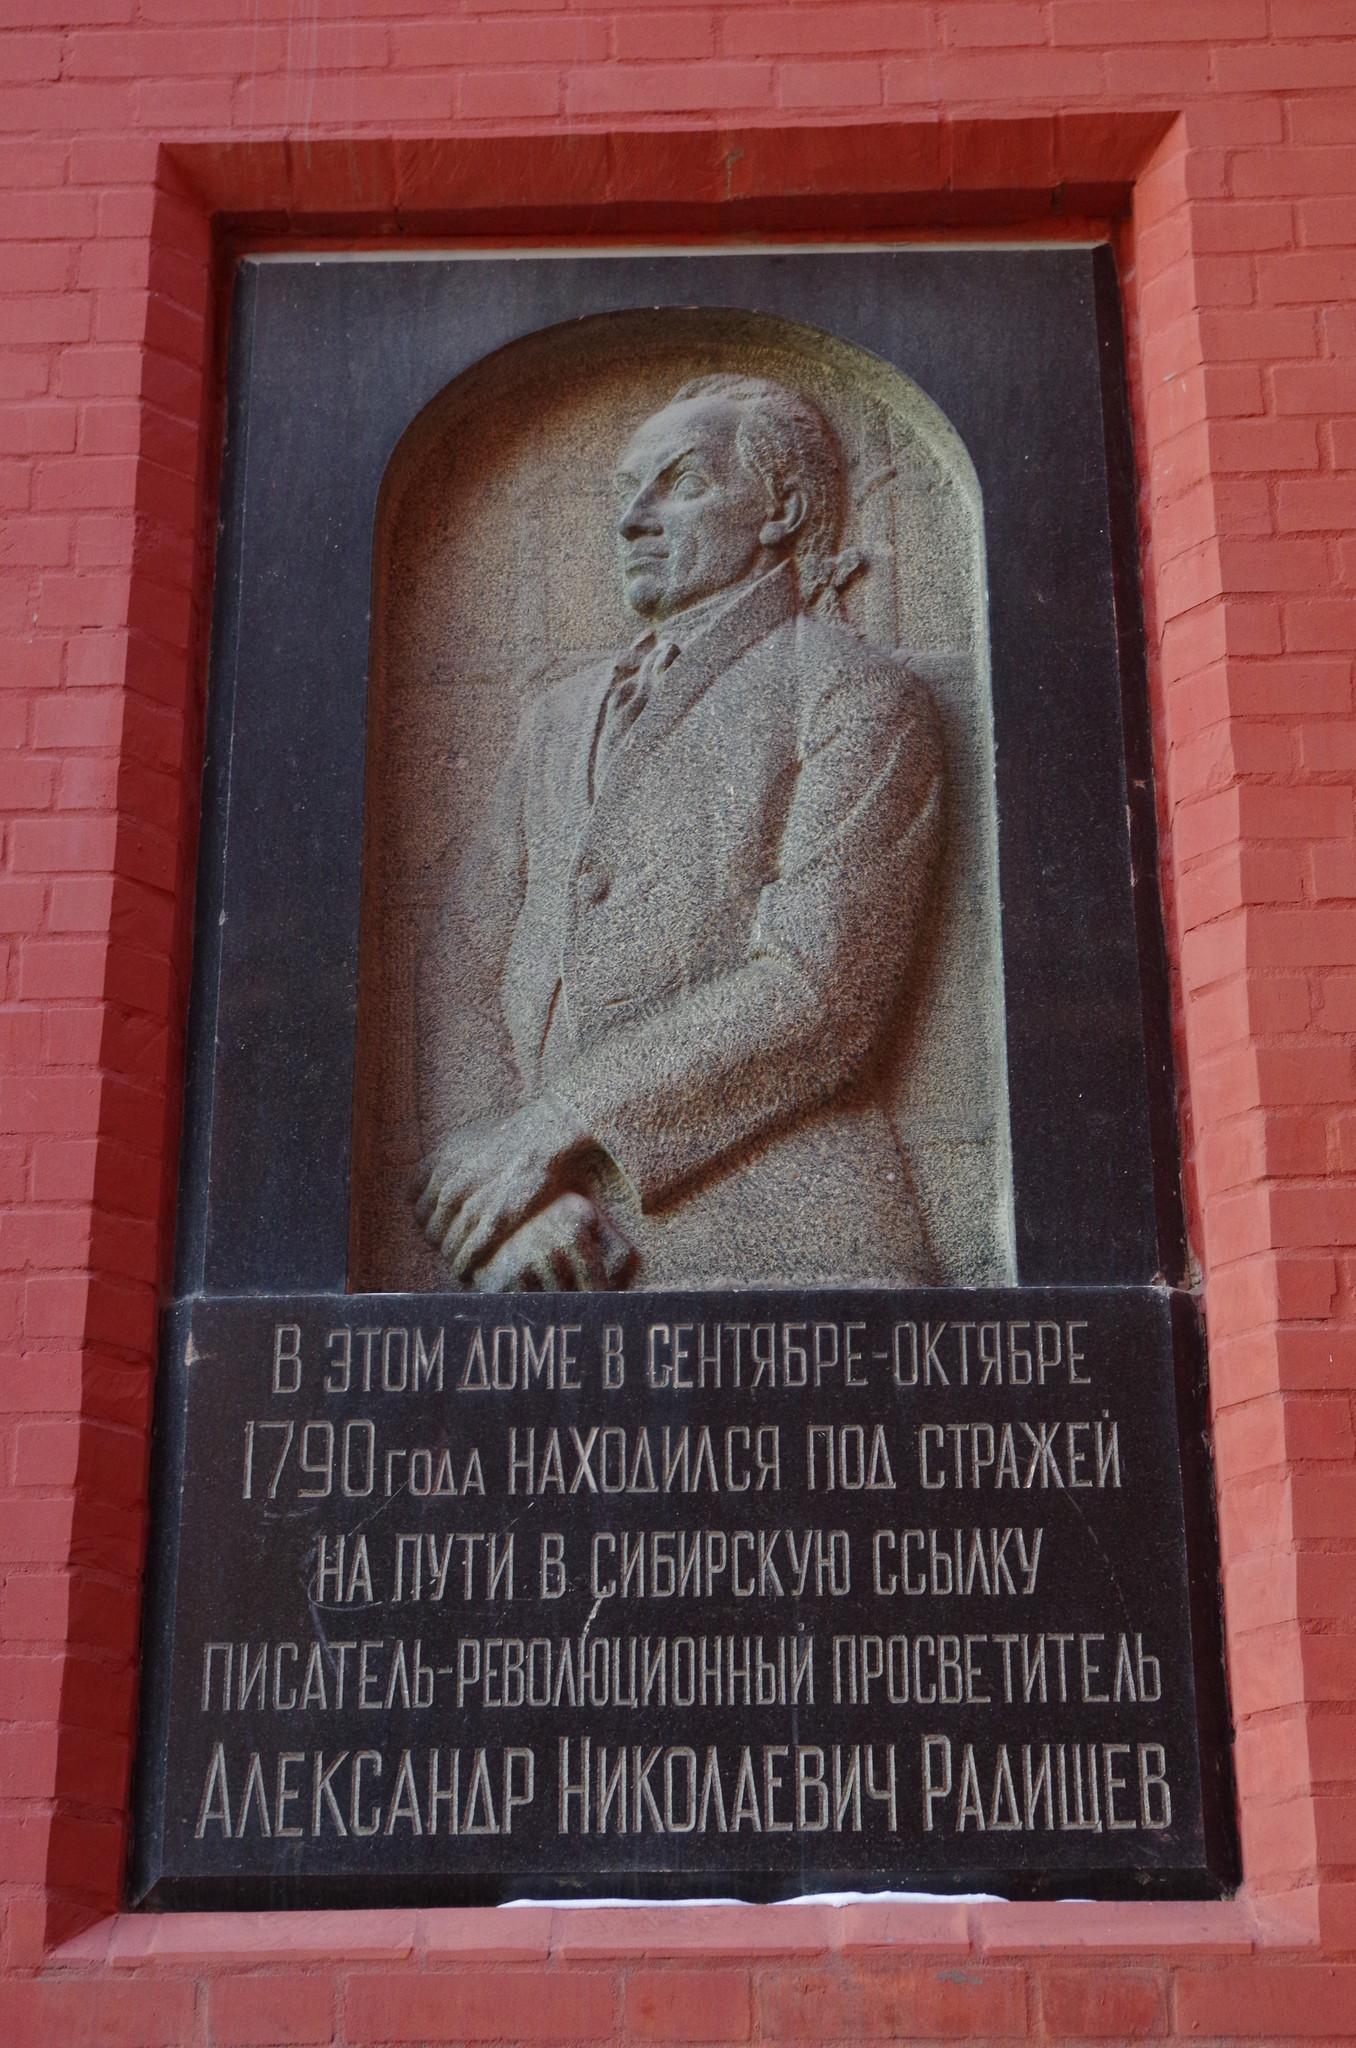 Гранитная мемориальная доска (скульптор Г.Г. Сорокин) с изображением А.Н. Радищева